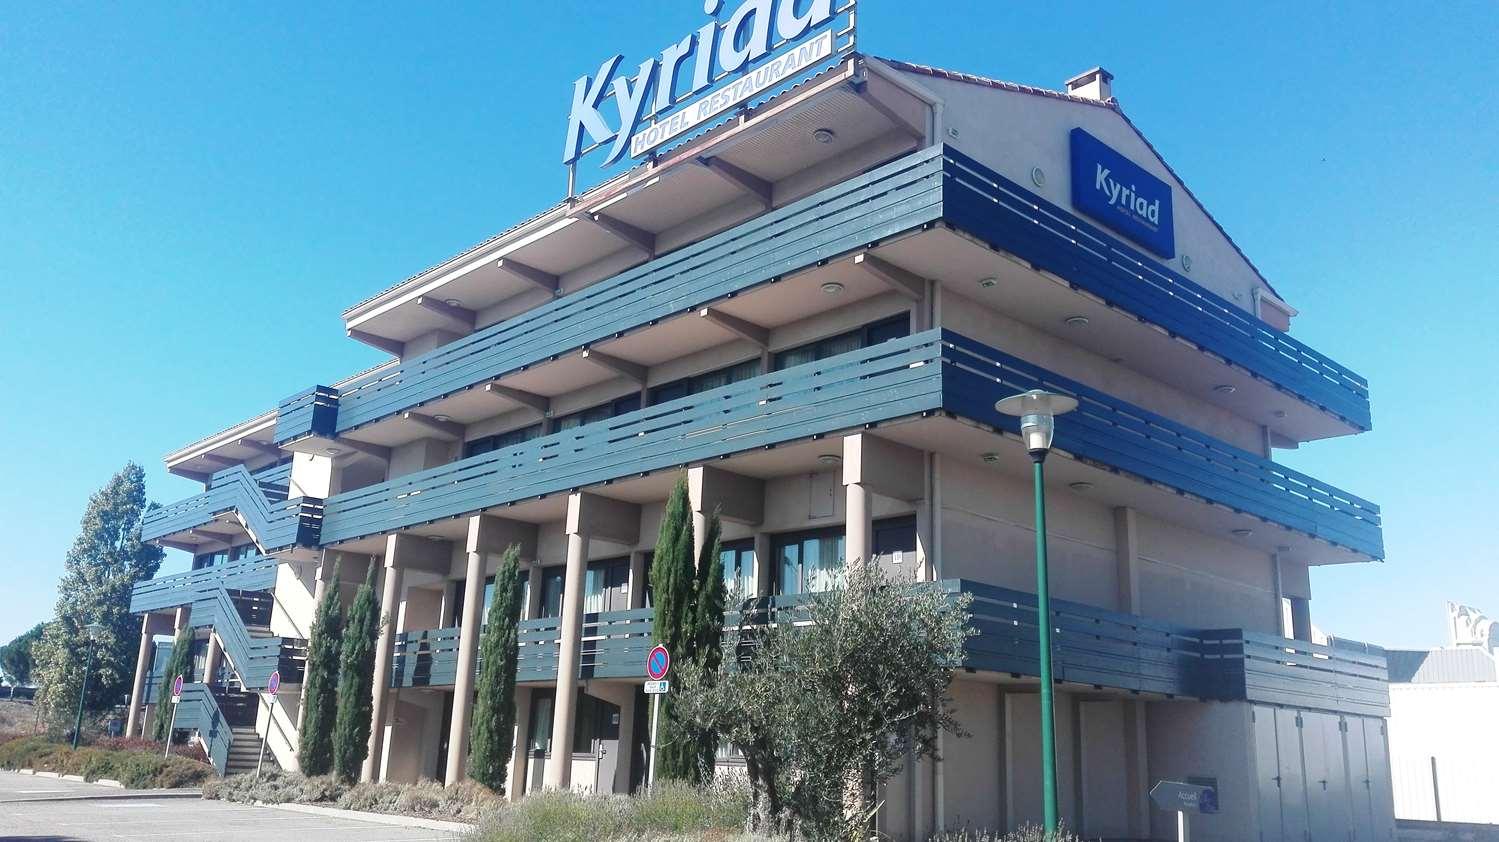 KYRIAD CARCASSONNE - Aéroport